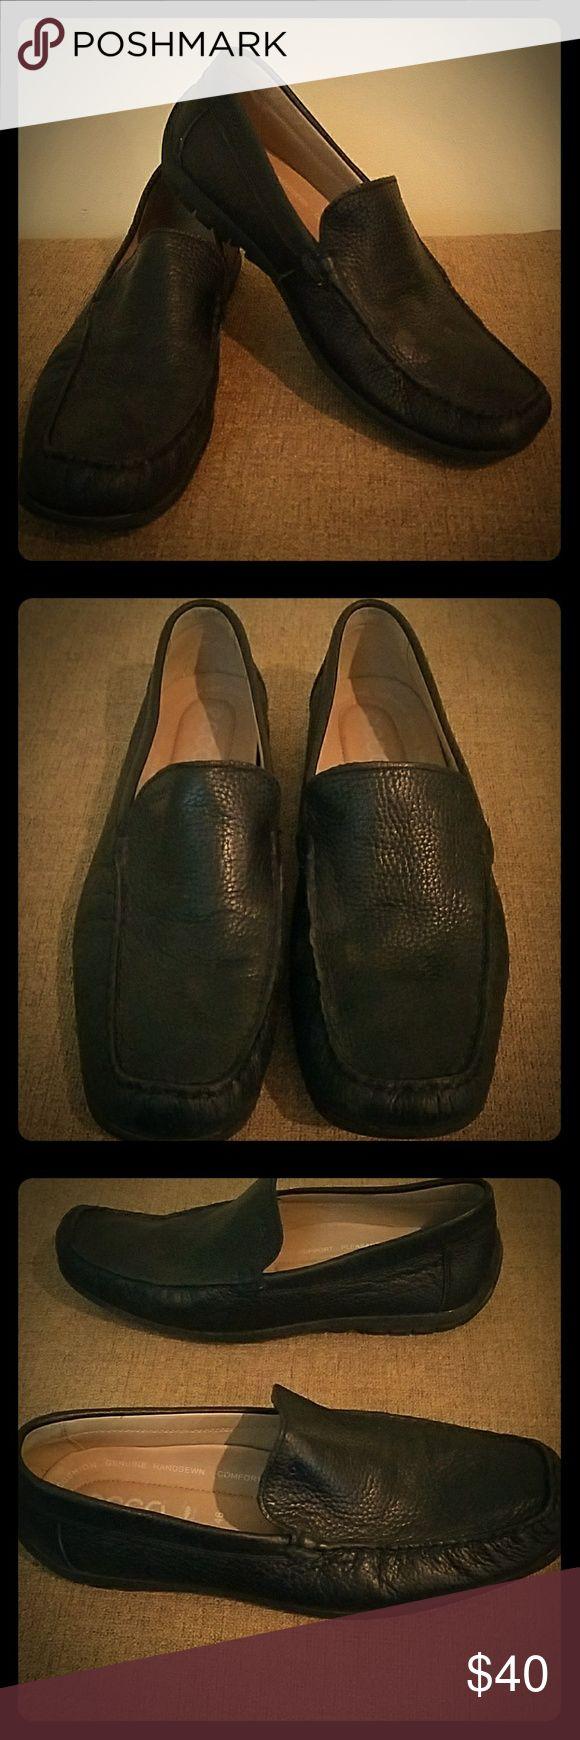 1 Day Sale! ECCO size 46 men's loafers ECCO size EU 46 (US 12-12.5) men's loafers in EUC ECCO Shoes Loafers & Slip-Ons